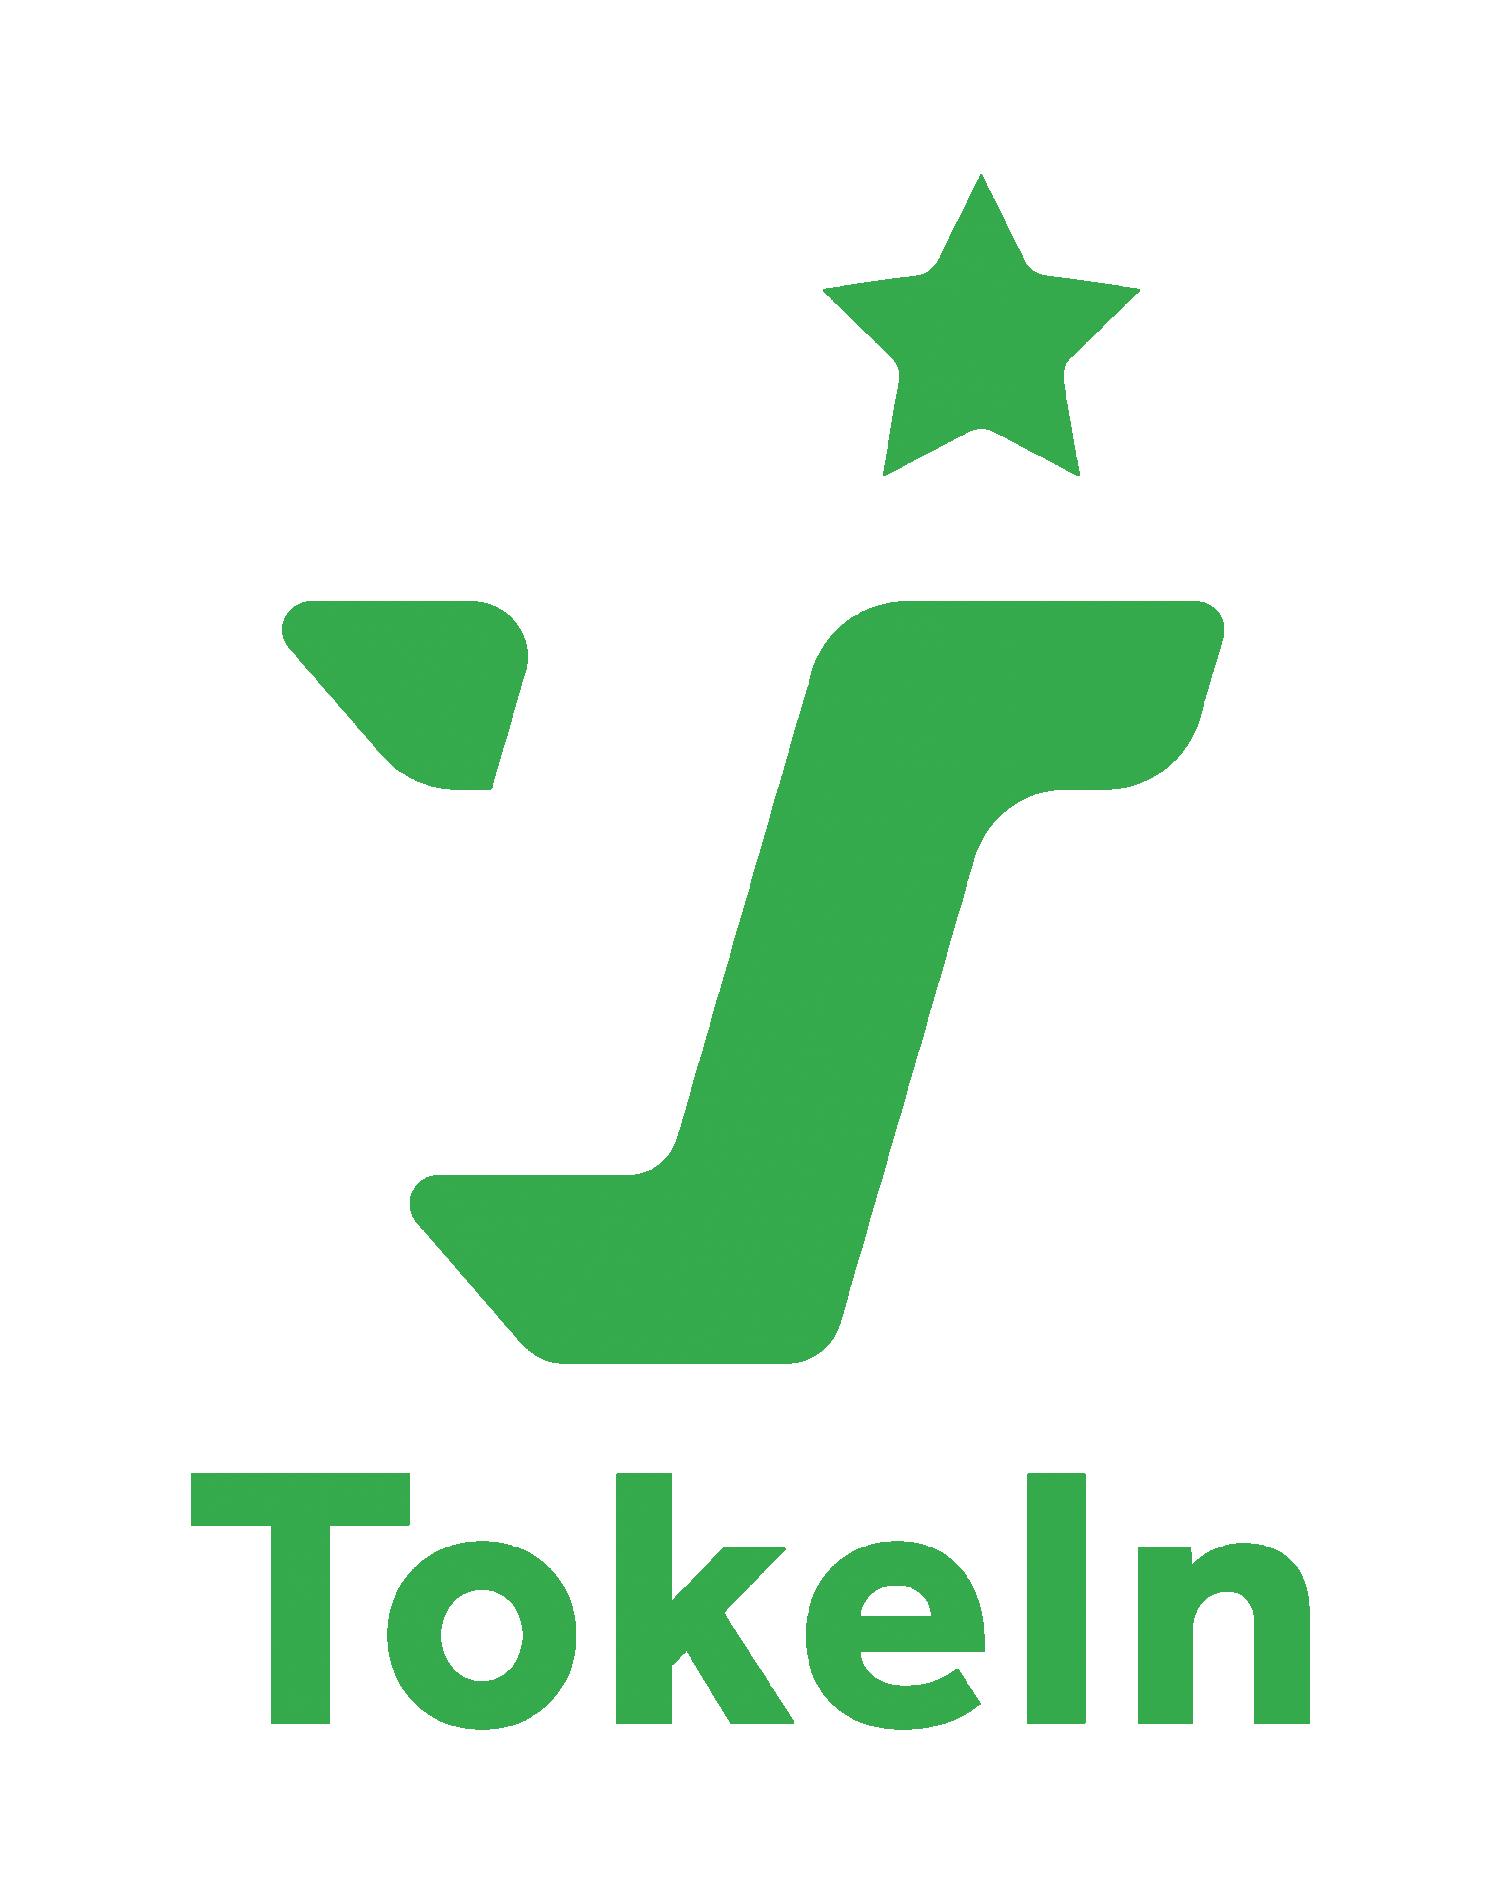 tokin-cannabis-logo